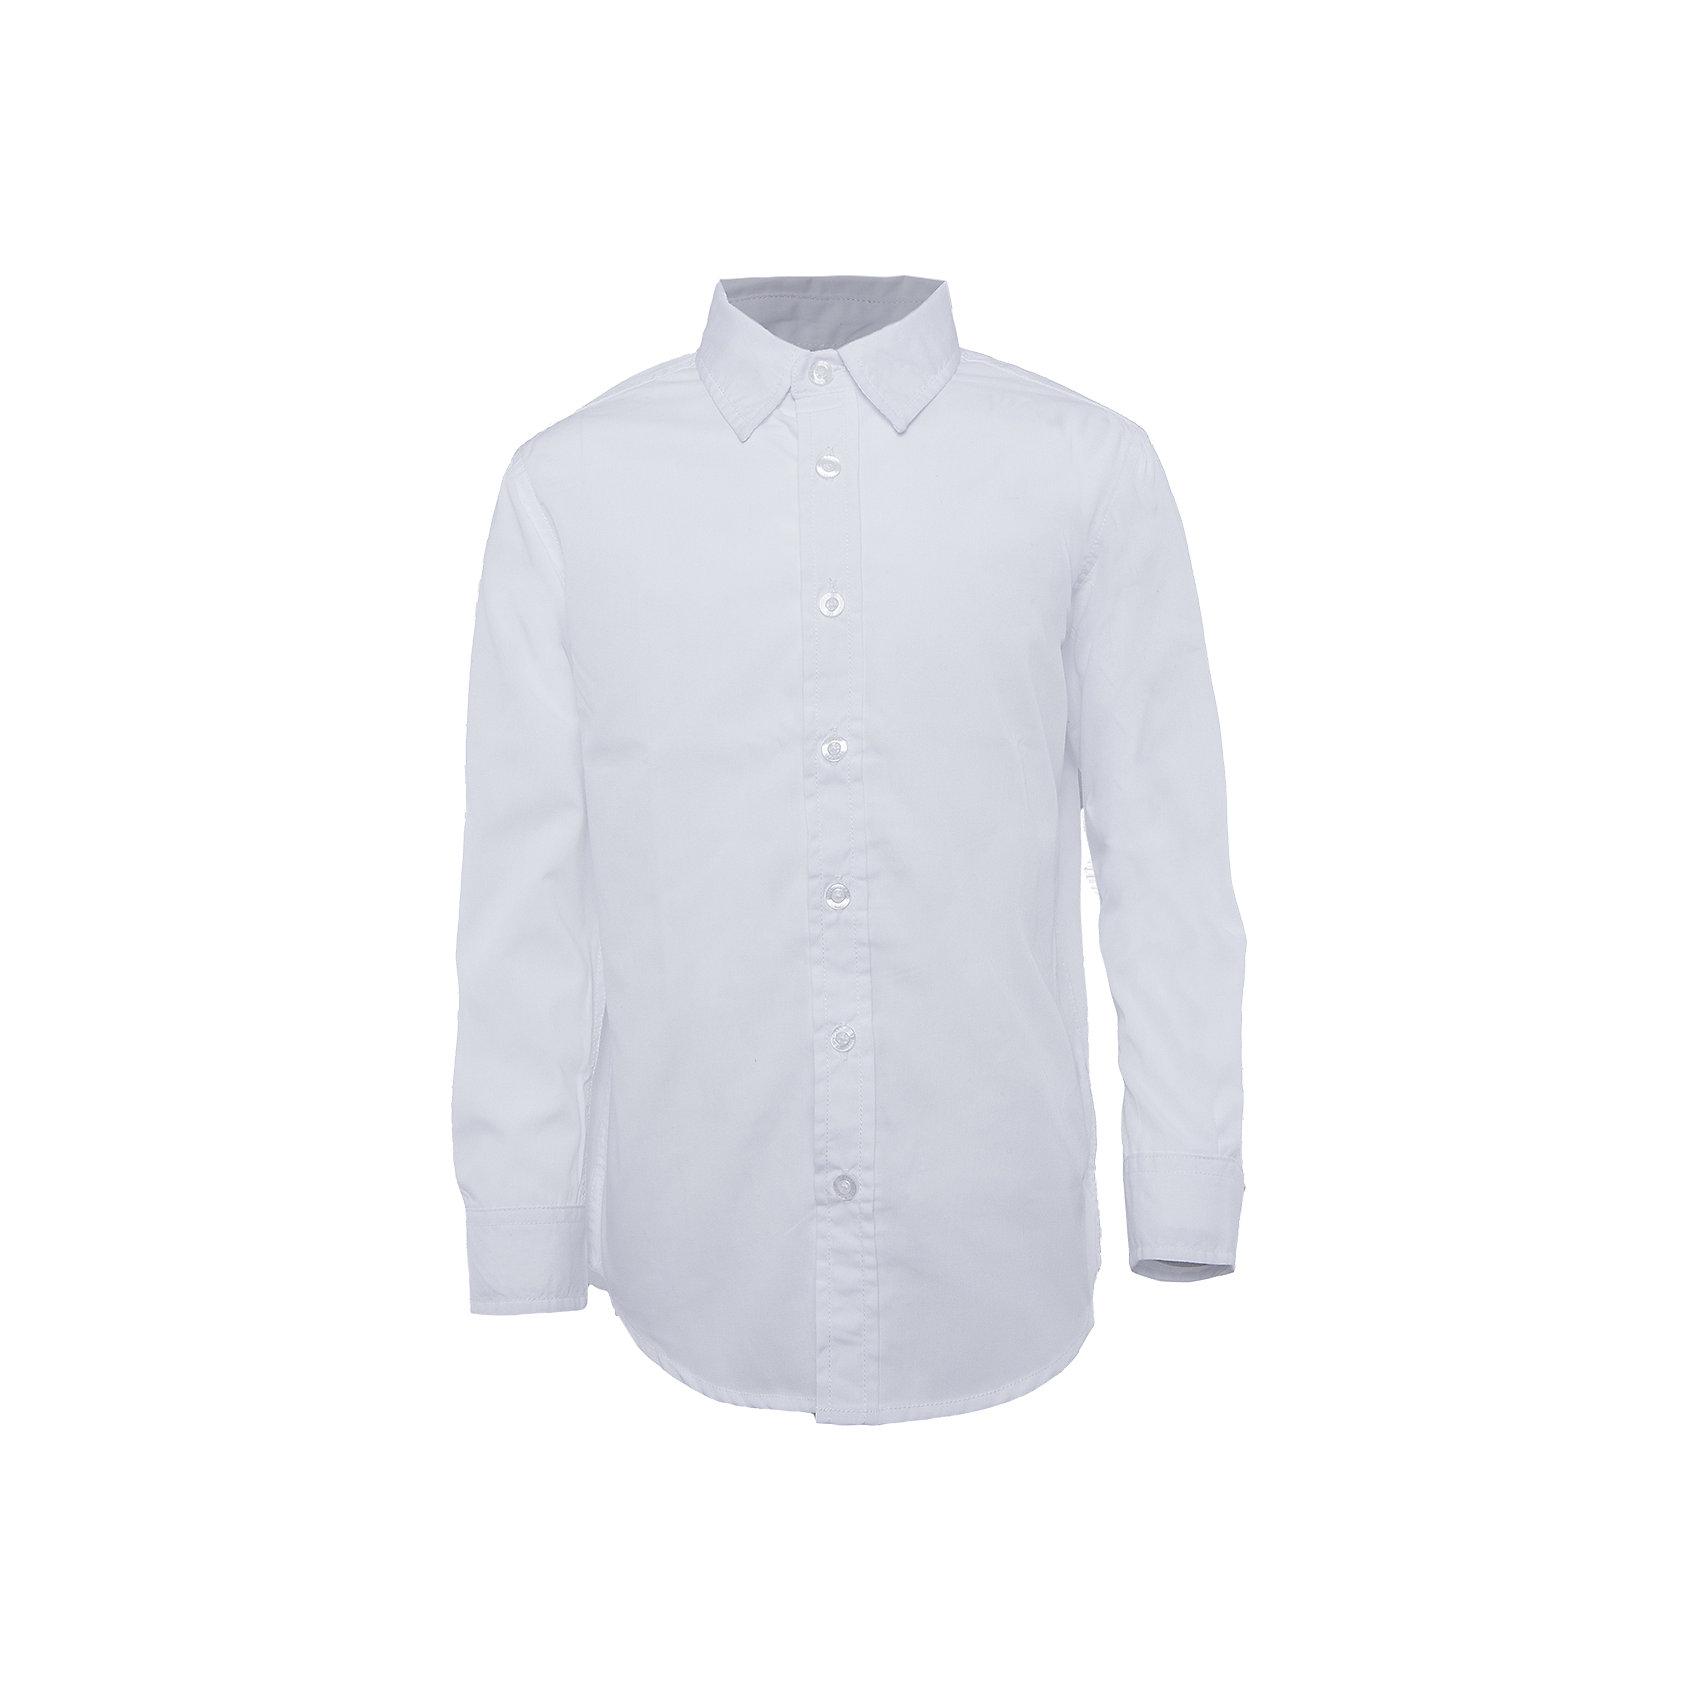 Рубашка для мальчика SELAРубашка - незаменимая вещь в гардеробе школьников. Эта модель отлично сидит на ребенке, она сделана из приятного на ощупь материала, мягкая и дышащая. Натуральный хлопок в составе ткани не вызывает аллергии и обеспечивает ребенку комфорт. Модель станет отличной базовой вещью, которая будет уместна в различных сочетаниях.<br>Одежда от бренда Sela (Села) - это качество по приемлемым ценам. Многие российские родители уже оценили преимущества продукции этой компании и всё чаще приобретают одежду и аксессуары Sela.<br><br>Дополнительная информация:<br><br>материал: 65% хлопок, 35% ПЭ;<br>рукава длинные;<br>застежки - пуговицы.<br><br>Рубашку для мальчика от бренда Sela можно купить в нашем интернет-магазине.<br><br>Ширина мм: 174<br>Глубина мм: 10<br>Высота мм: 169<br>Вес г: 157<br>Цвет: белый<br>Возраст от месяцев: 108<br>Возраст до месяцев: 120<br>Пол: Мужской<br>Возраст: Детский<br>Размер: 140,170,116,122,128,134,146,152,158,164<br>SKU: 4883522